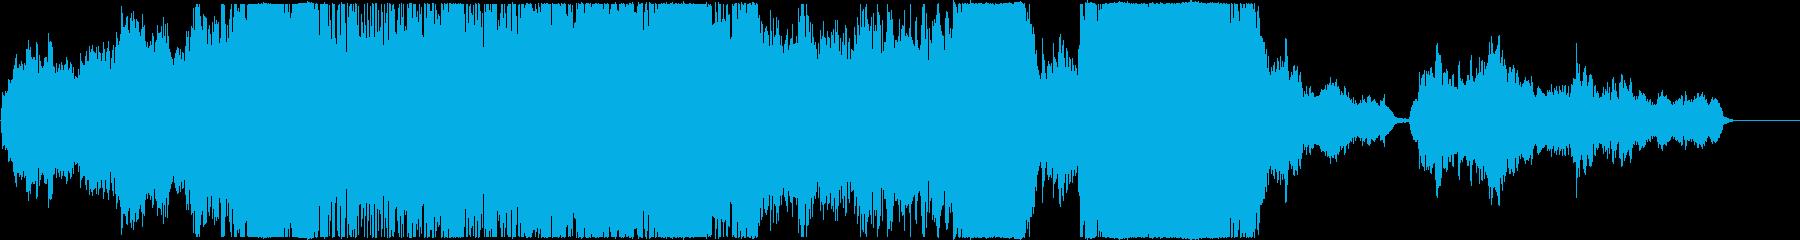 感動的でファンタジックなオーケストラ曲の再生済みの波形